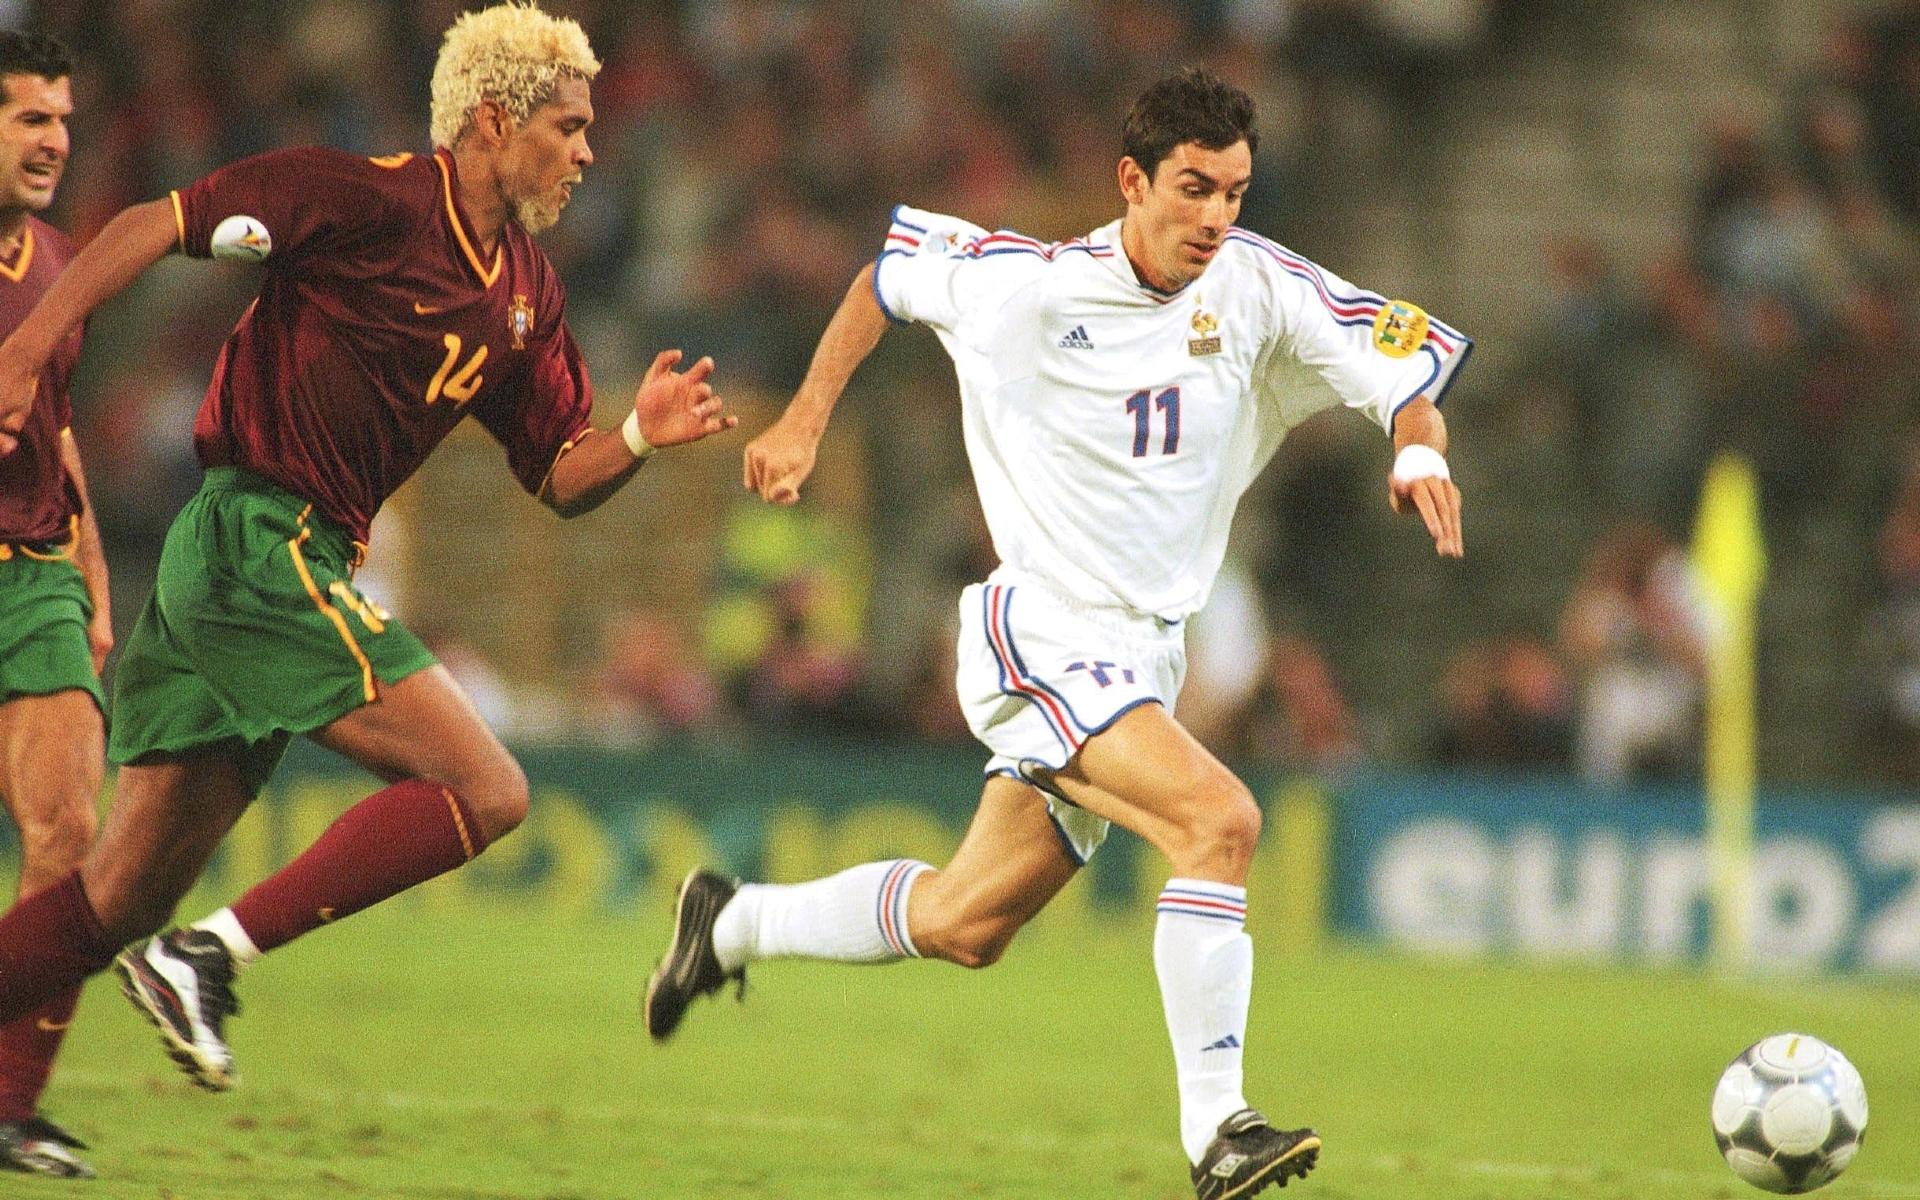 Фото: Робер Пирес (Франция) и Абель Шавьер (Португалия) на Евро-2000 (Photo by Henri Szwarc/Bongarts/Getty Images)